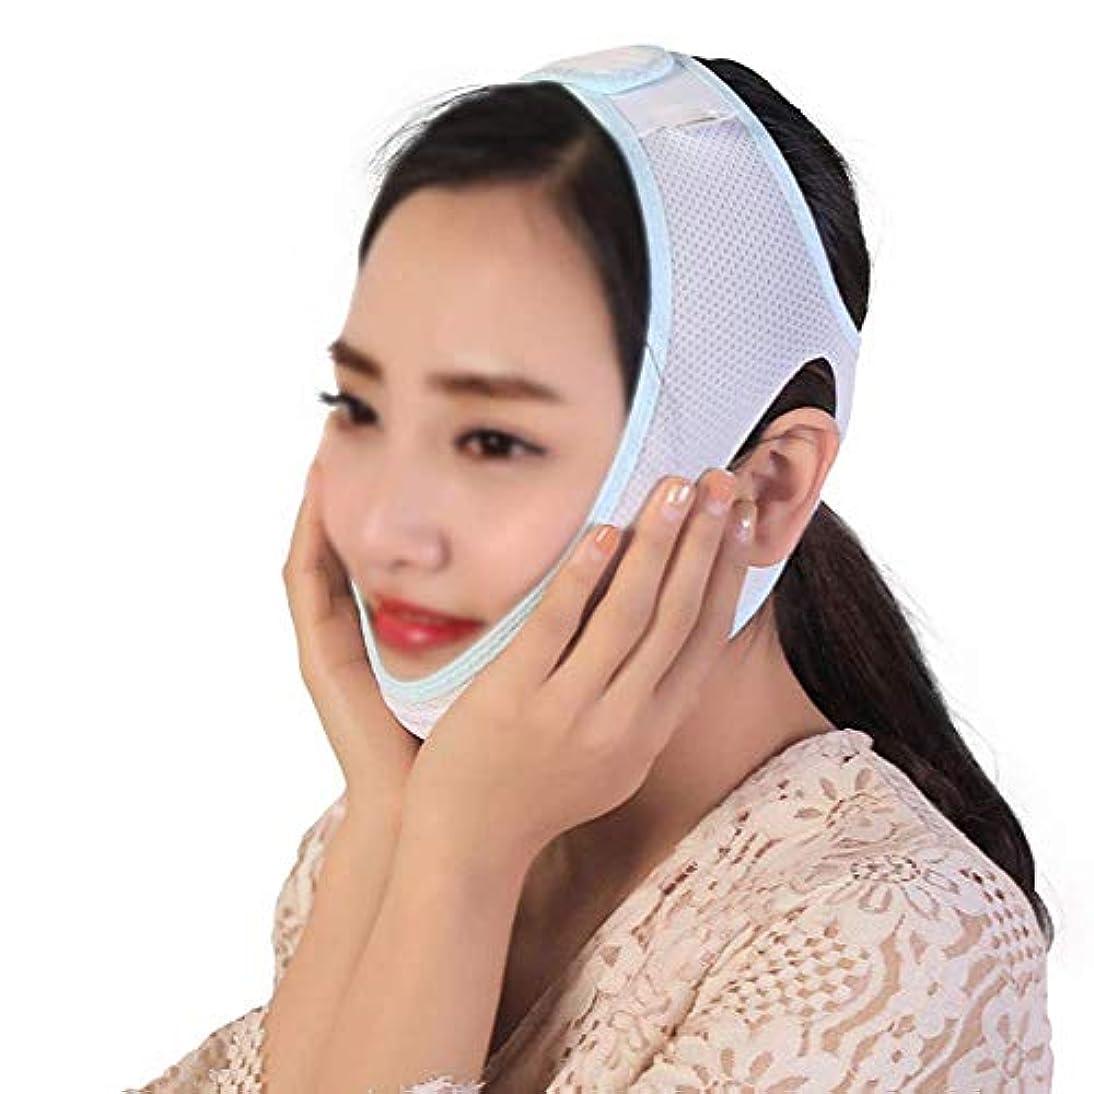 ファーミングフェイスマスク、スモールVフェイスアーティファクトリフティングフェイスプラスチックフェイスマスクコンフォートアップグレード最適化フェイスカーブの向上包括的な通気性のある包帯(サイズ:L)